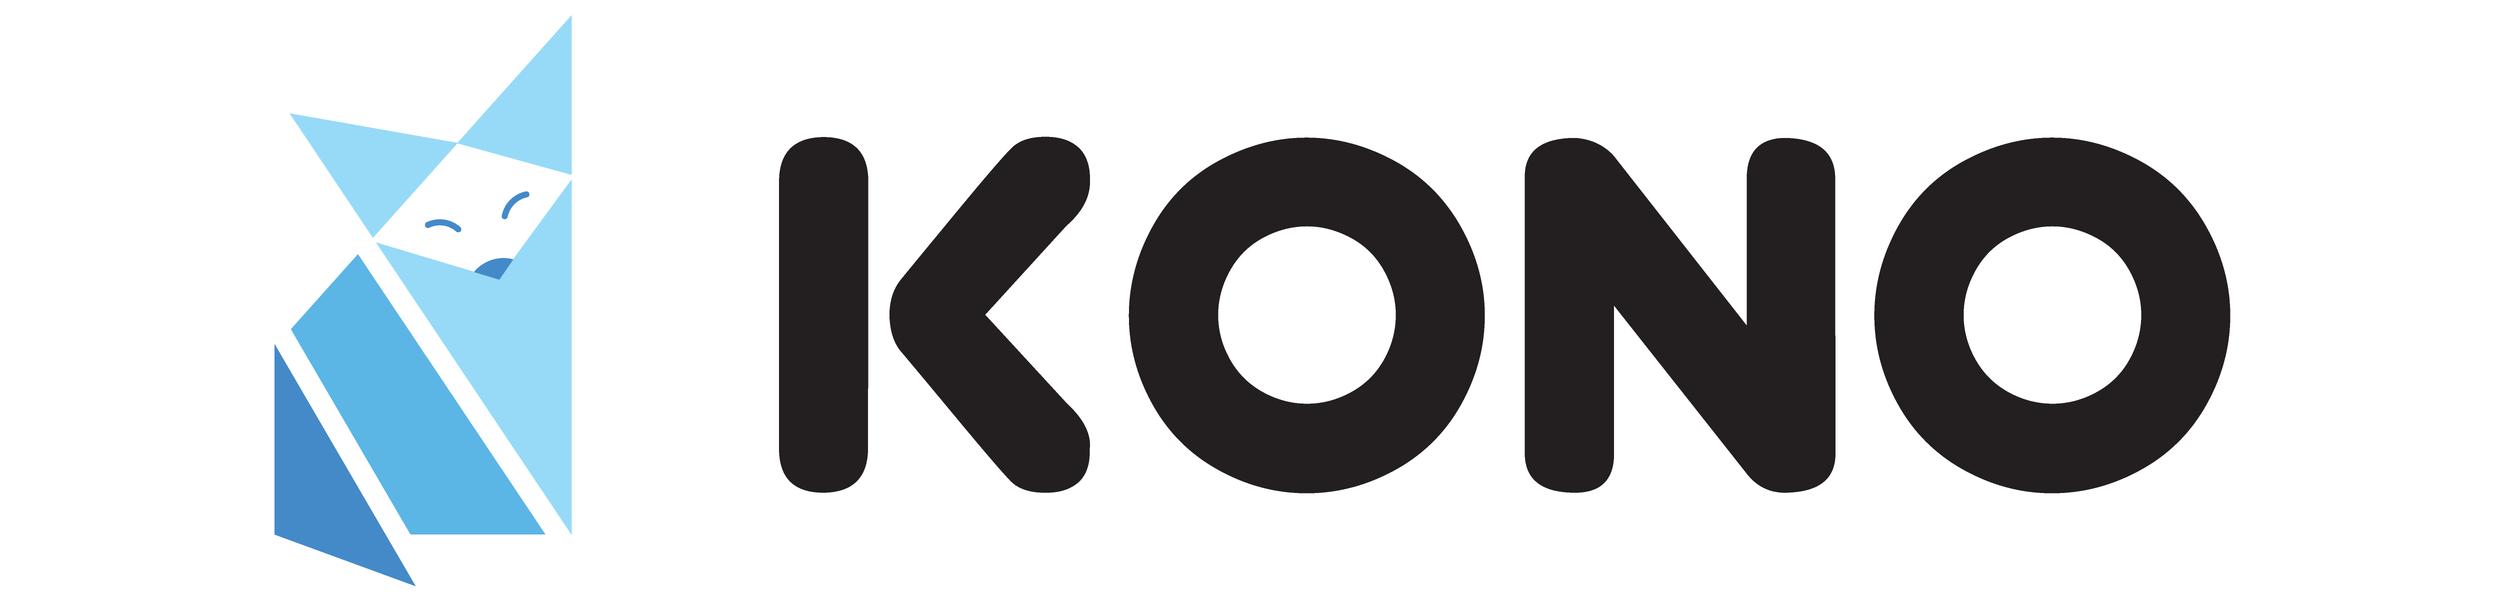 Kono-Logo-High-Res.png